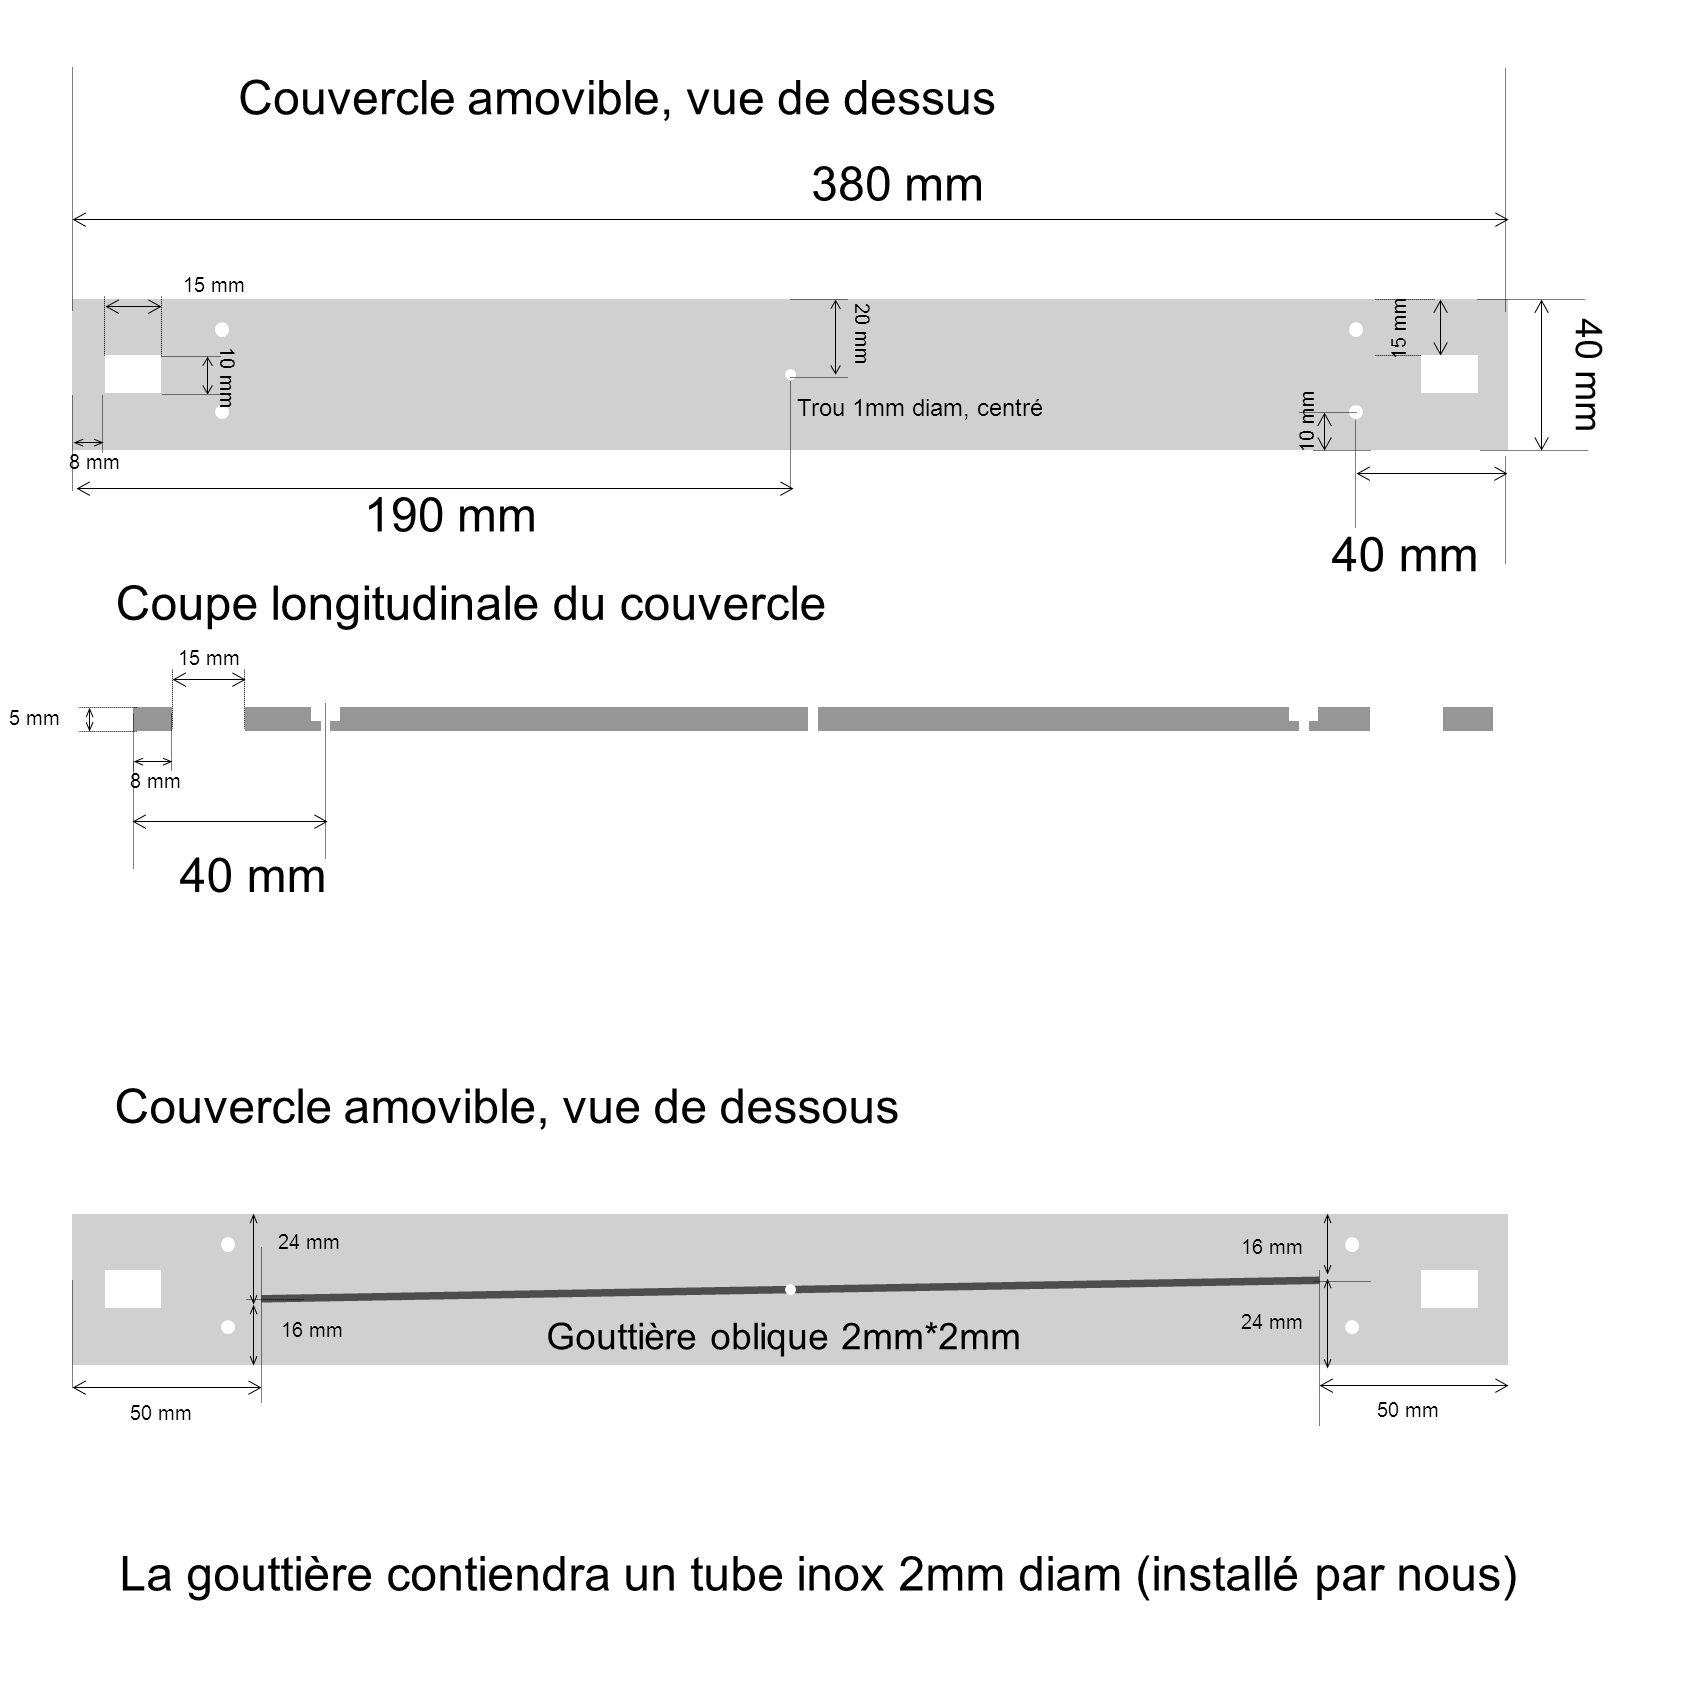 15 mm 10 mm 8 mm 380 mm 40 mm 8 mm 15 mm Couvercle amovible, vue de dessus Coupe longitudinale du couvercle 40 mm 15 mm 10 mm 5 mm 20 mm 190 mm Trou 1